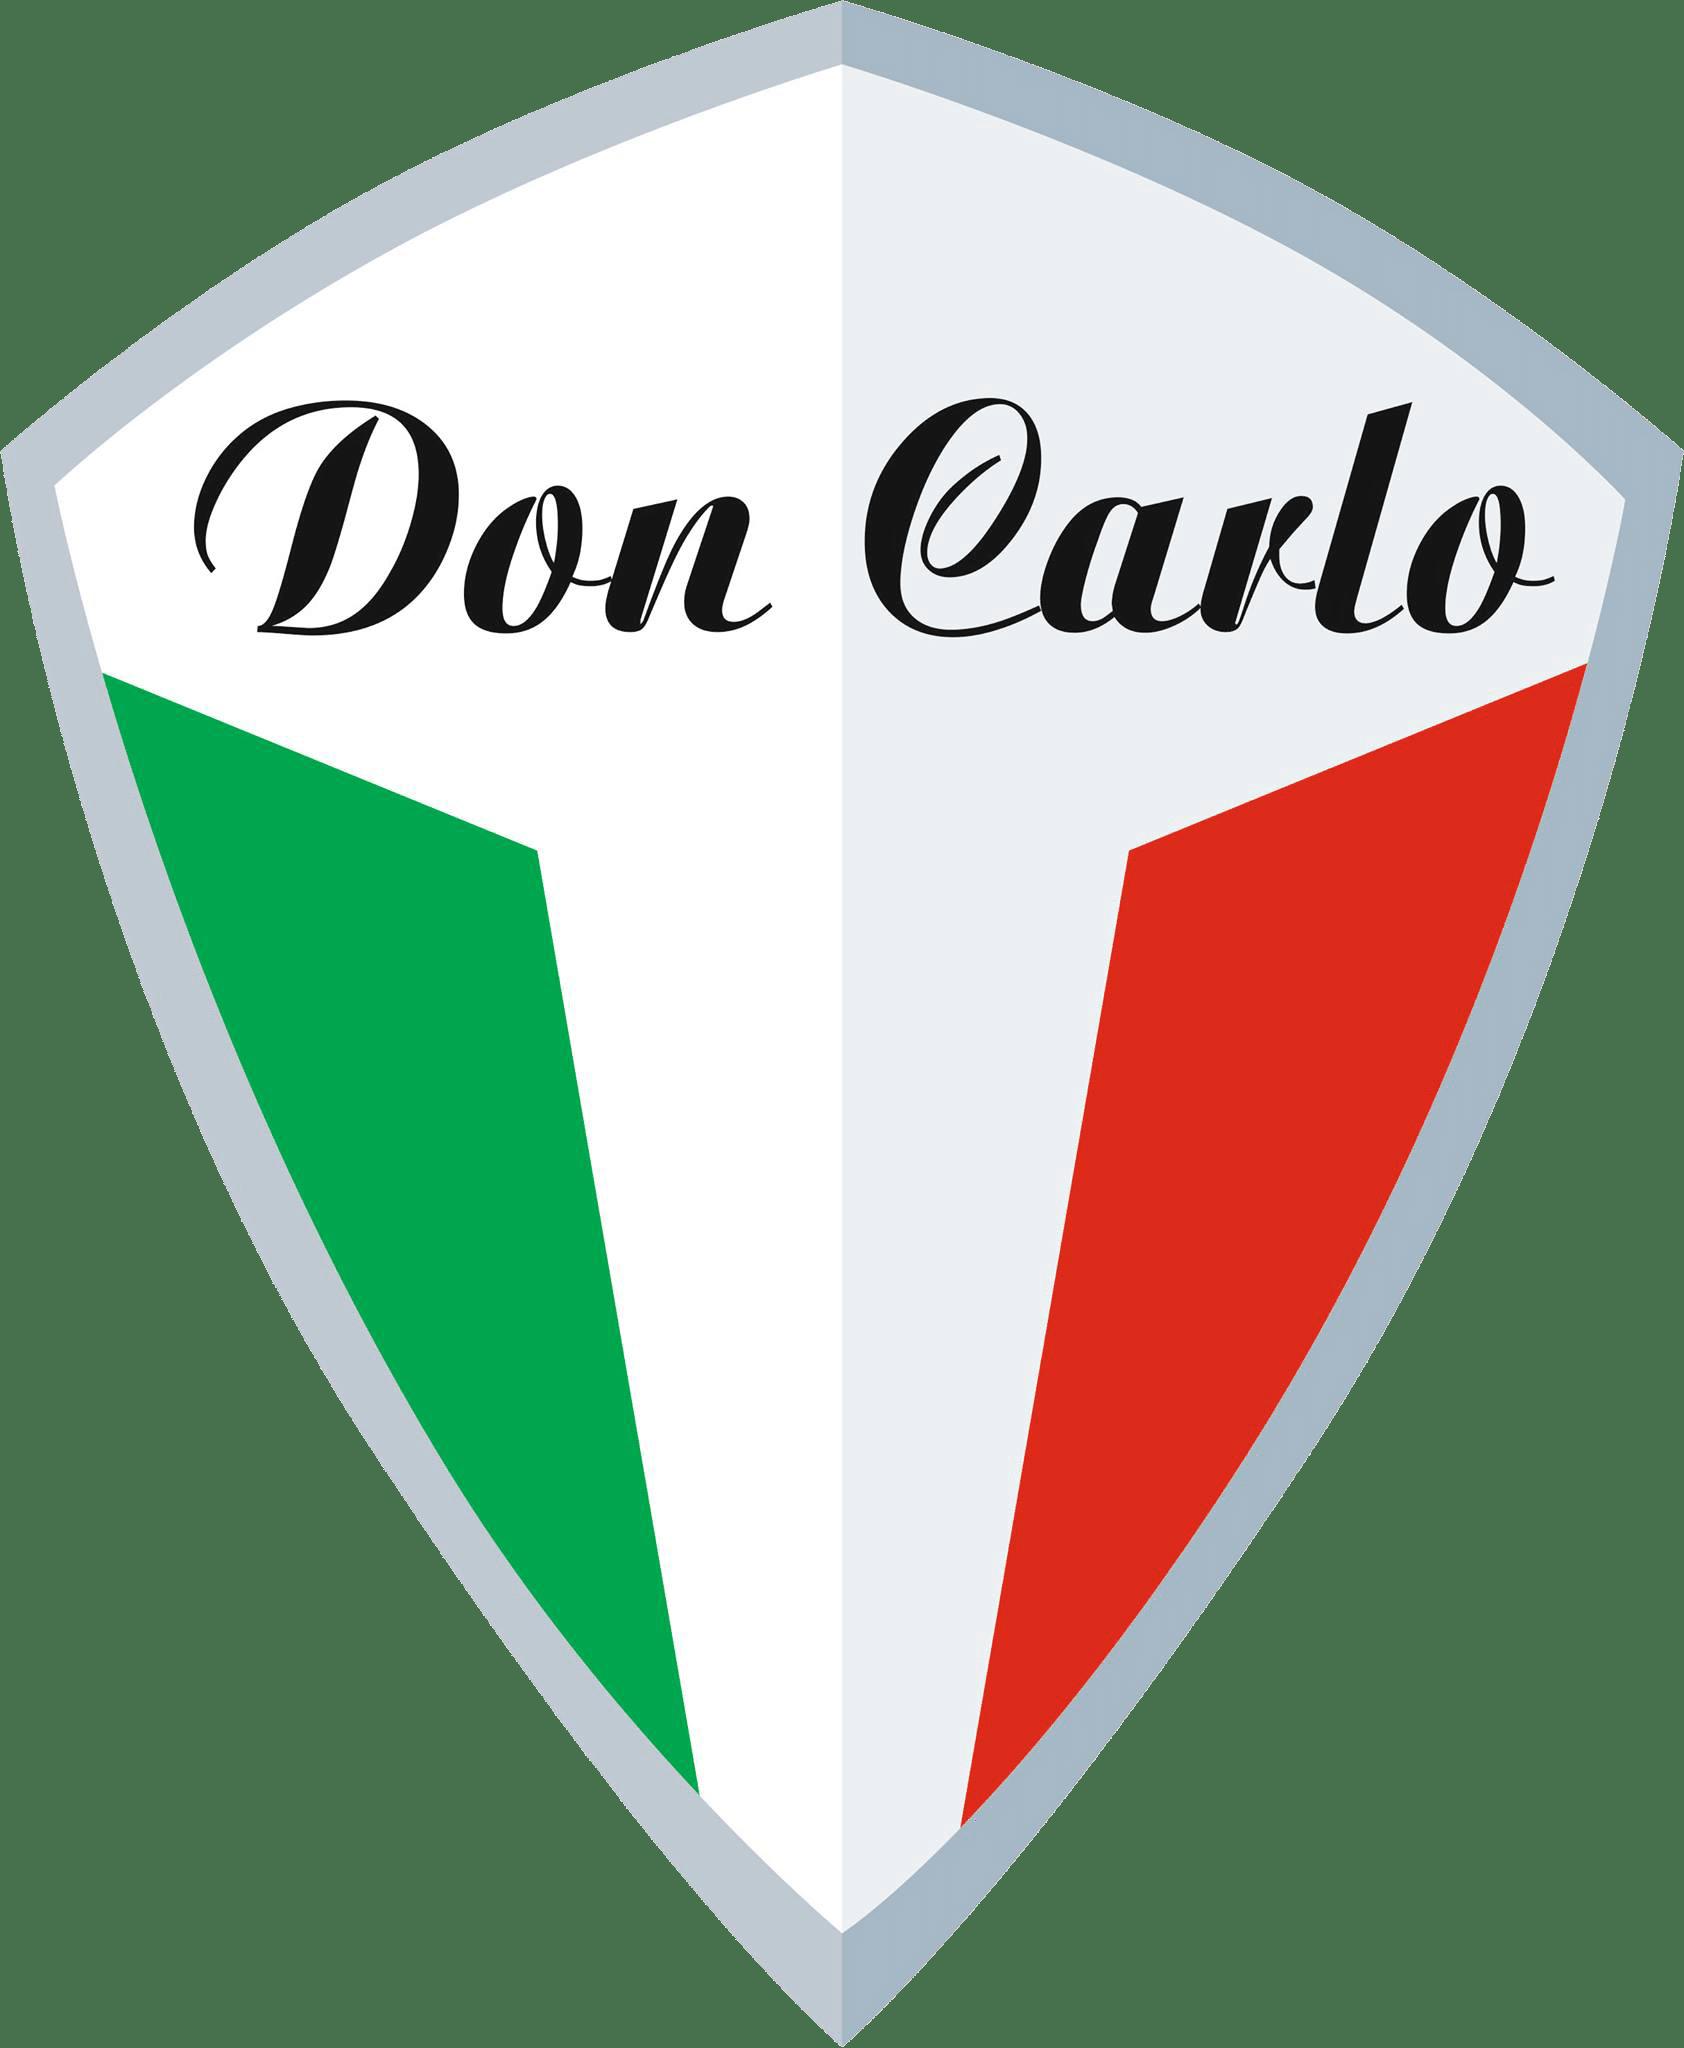 Don Carlo Logo